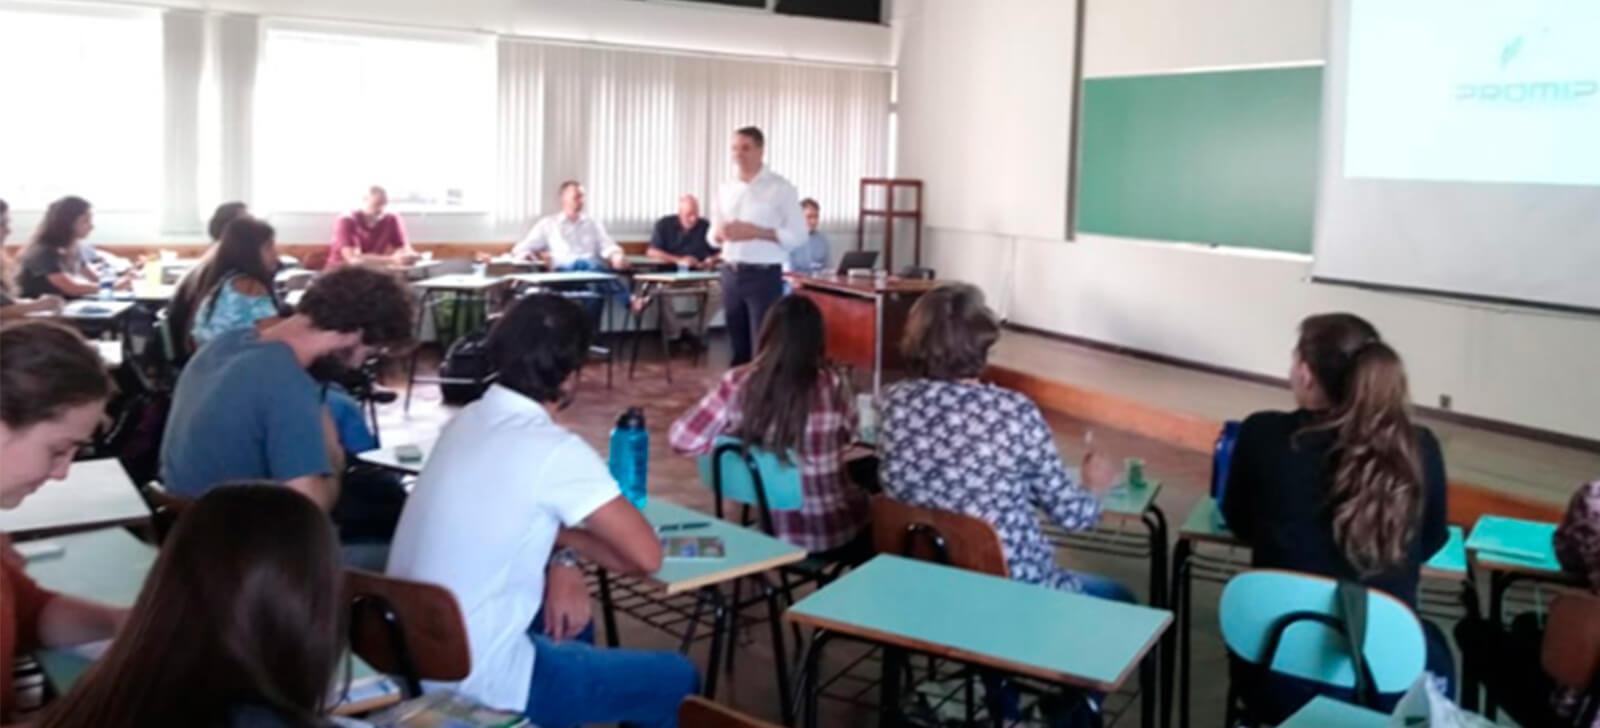 promip manejo integrado de pragas controle biologico ufpr promove curso de conrole biologico aplicado em curitiba